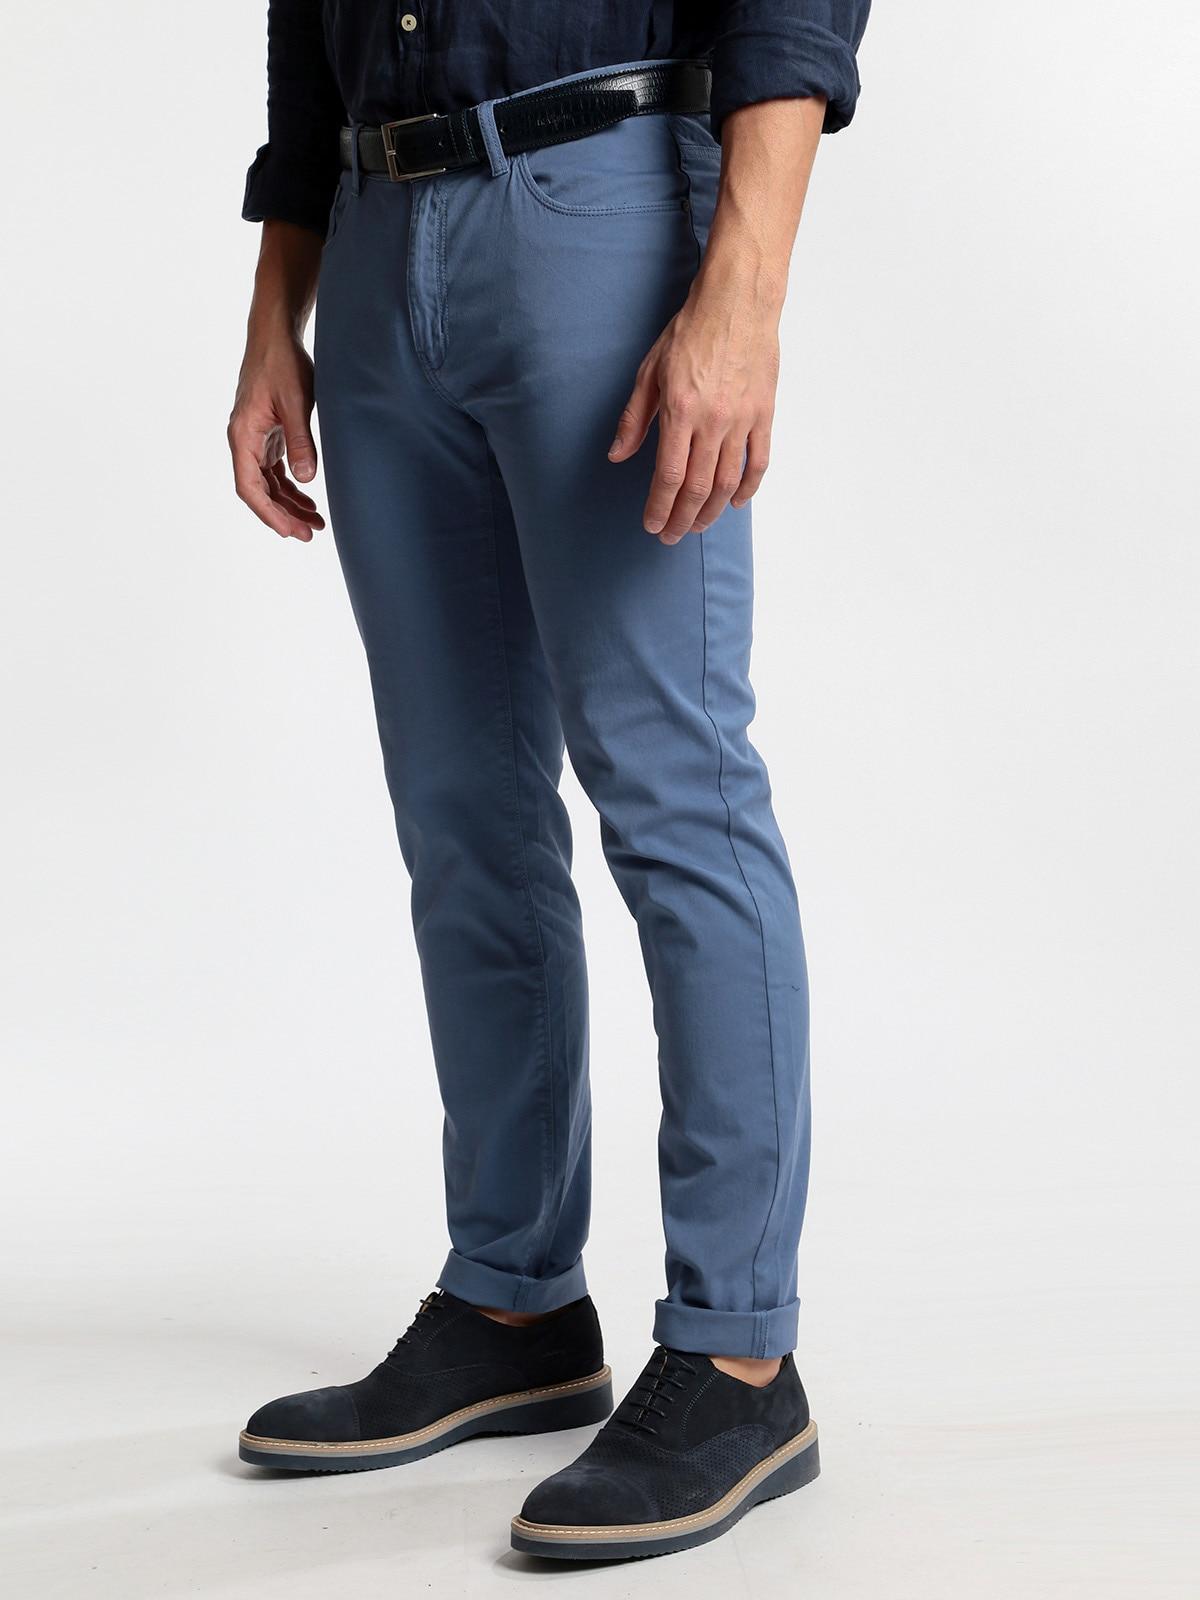 Pants Blue Cotton-regular Fit